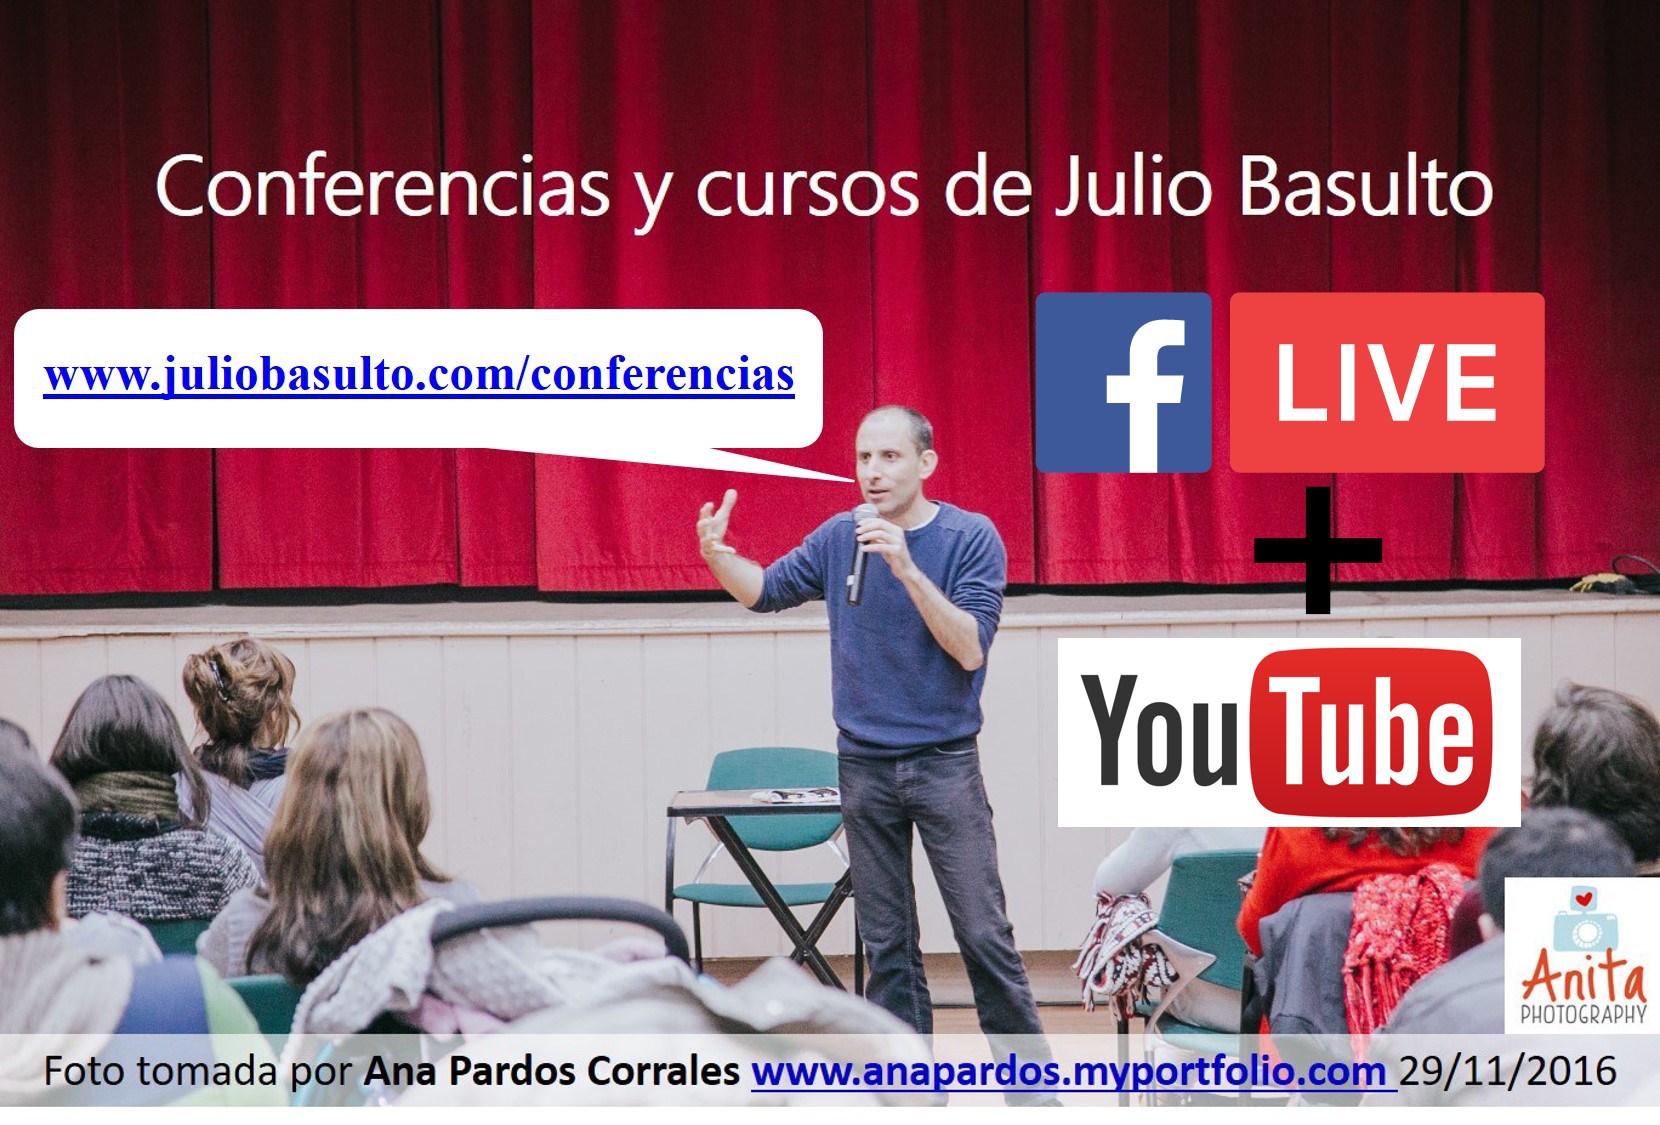 Próximas conferencias y cursos de Julio Basulto y resolución de dudas nutricionales (Facebook Live)